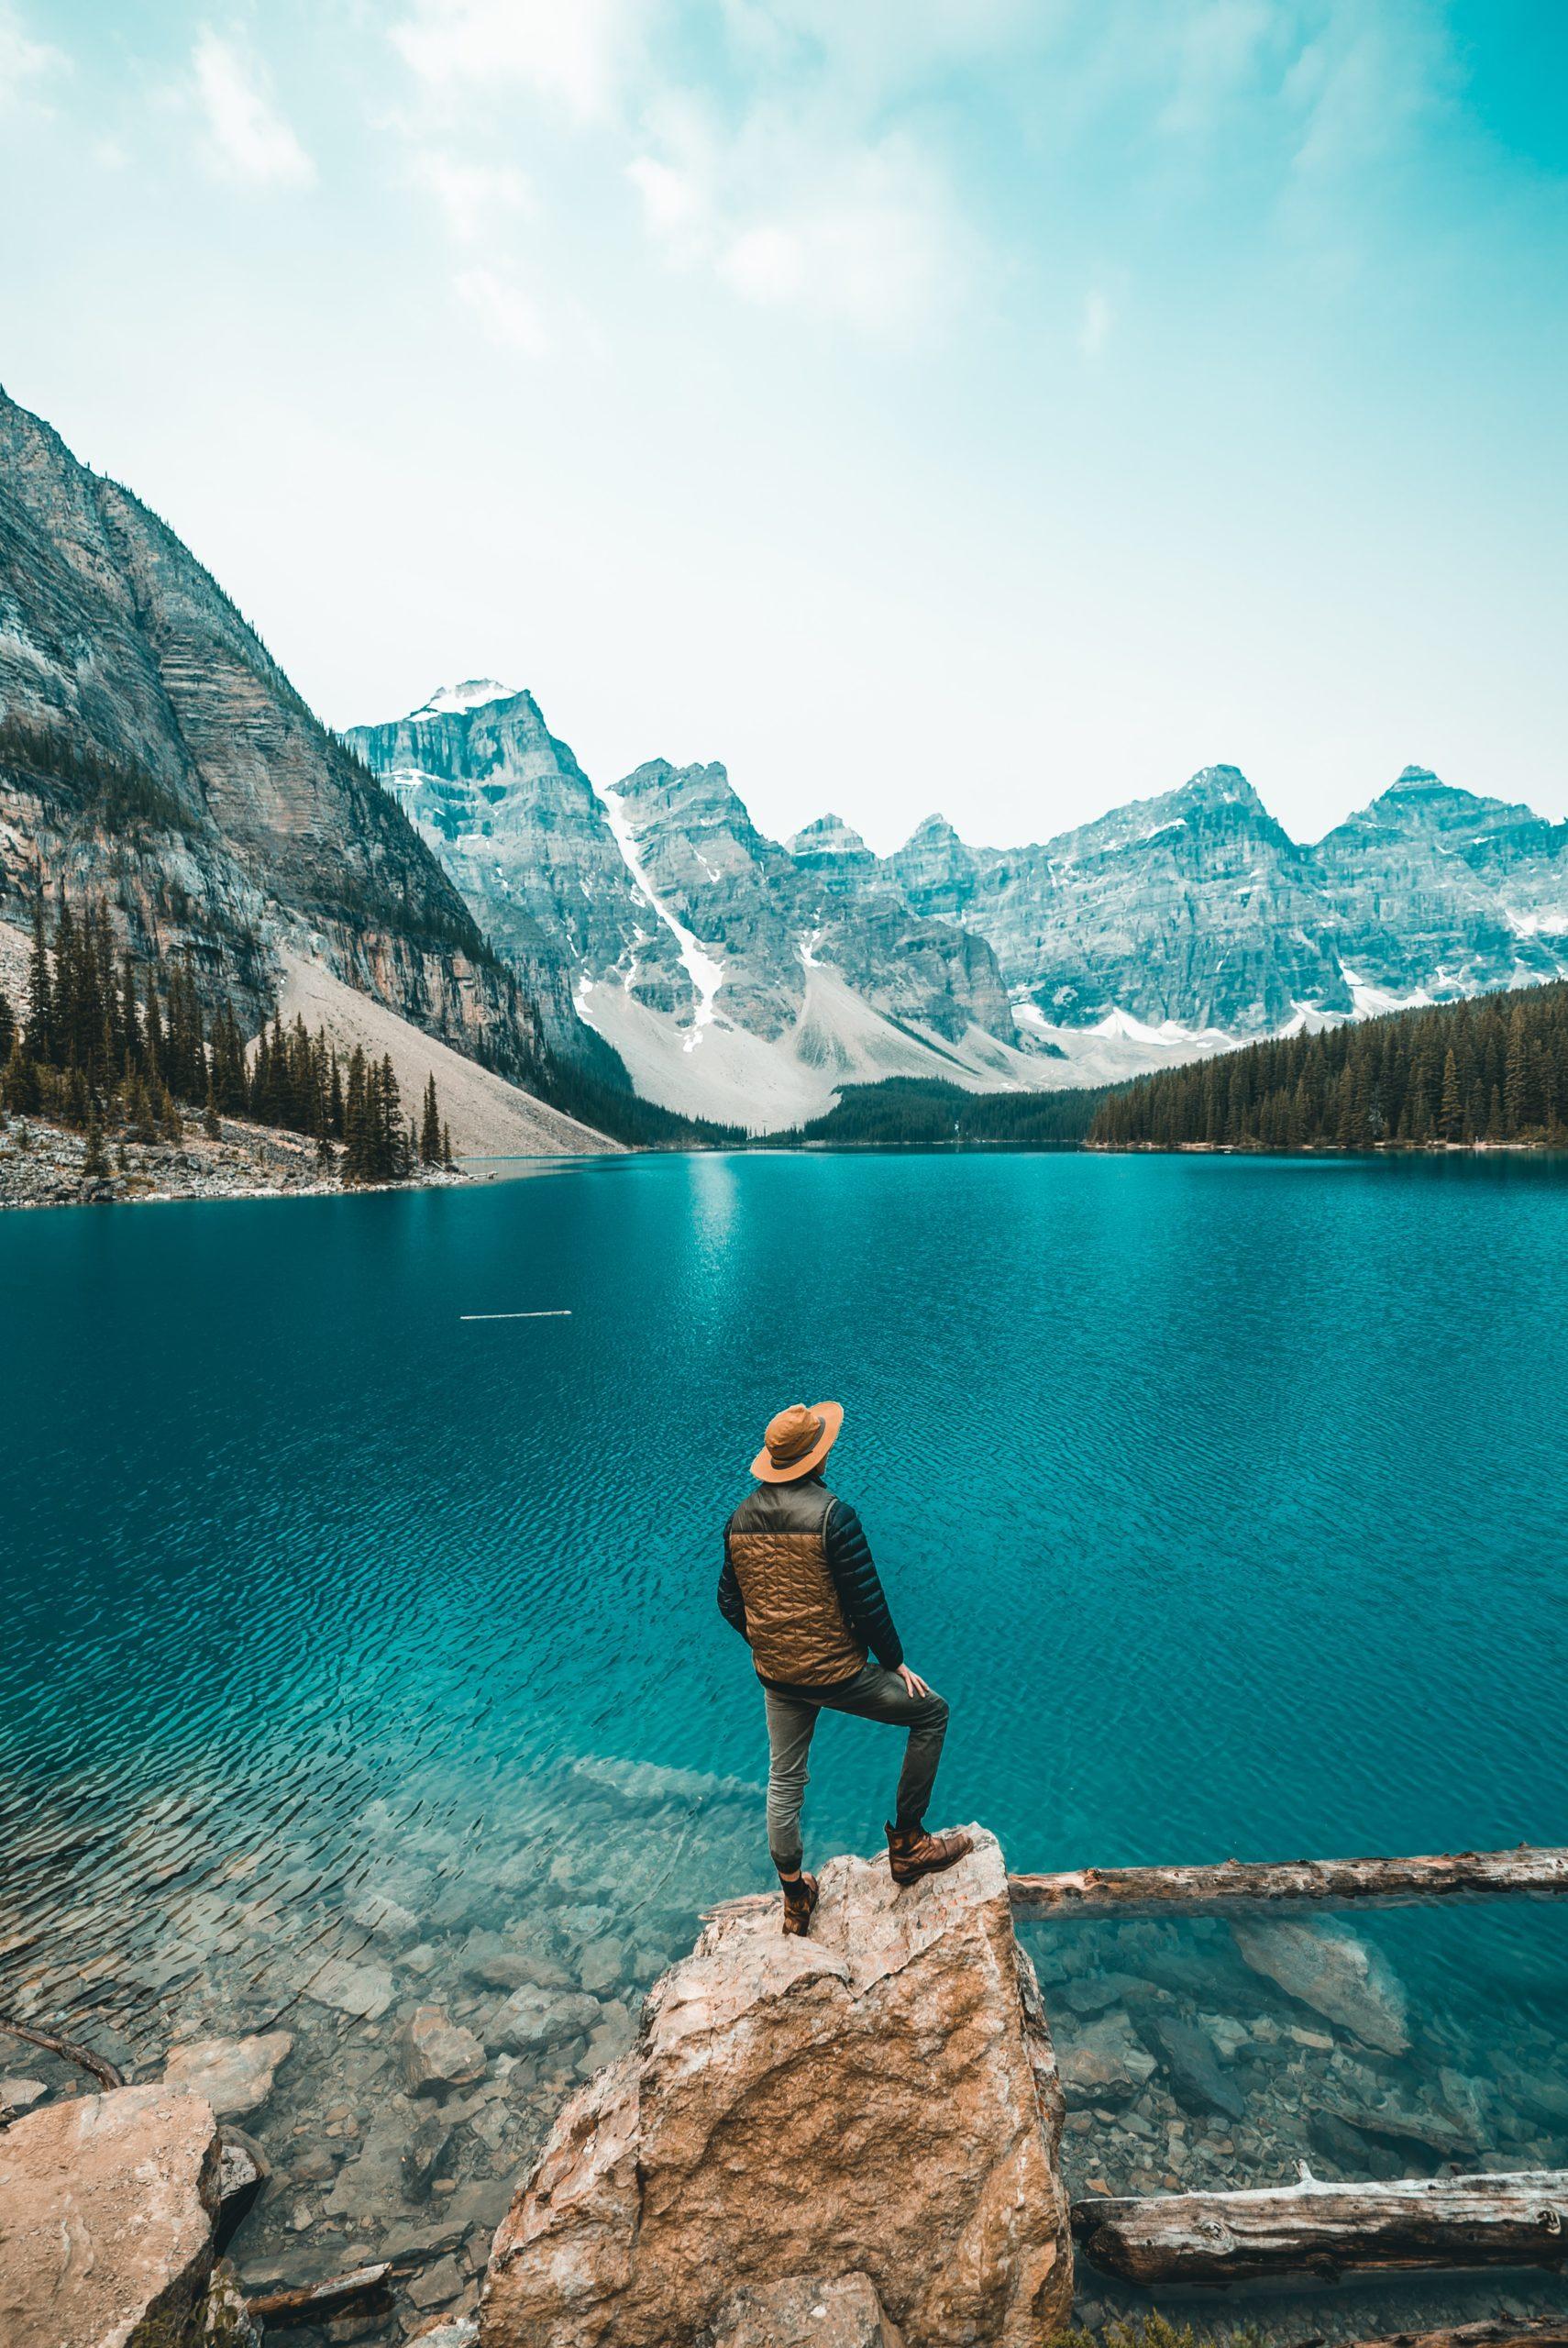 Moraine_lake_et_un_voyageur